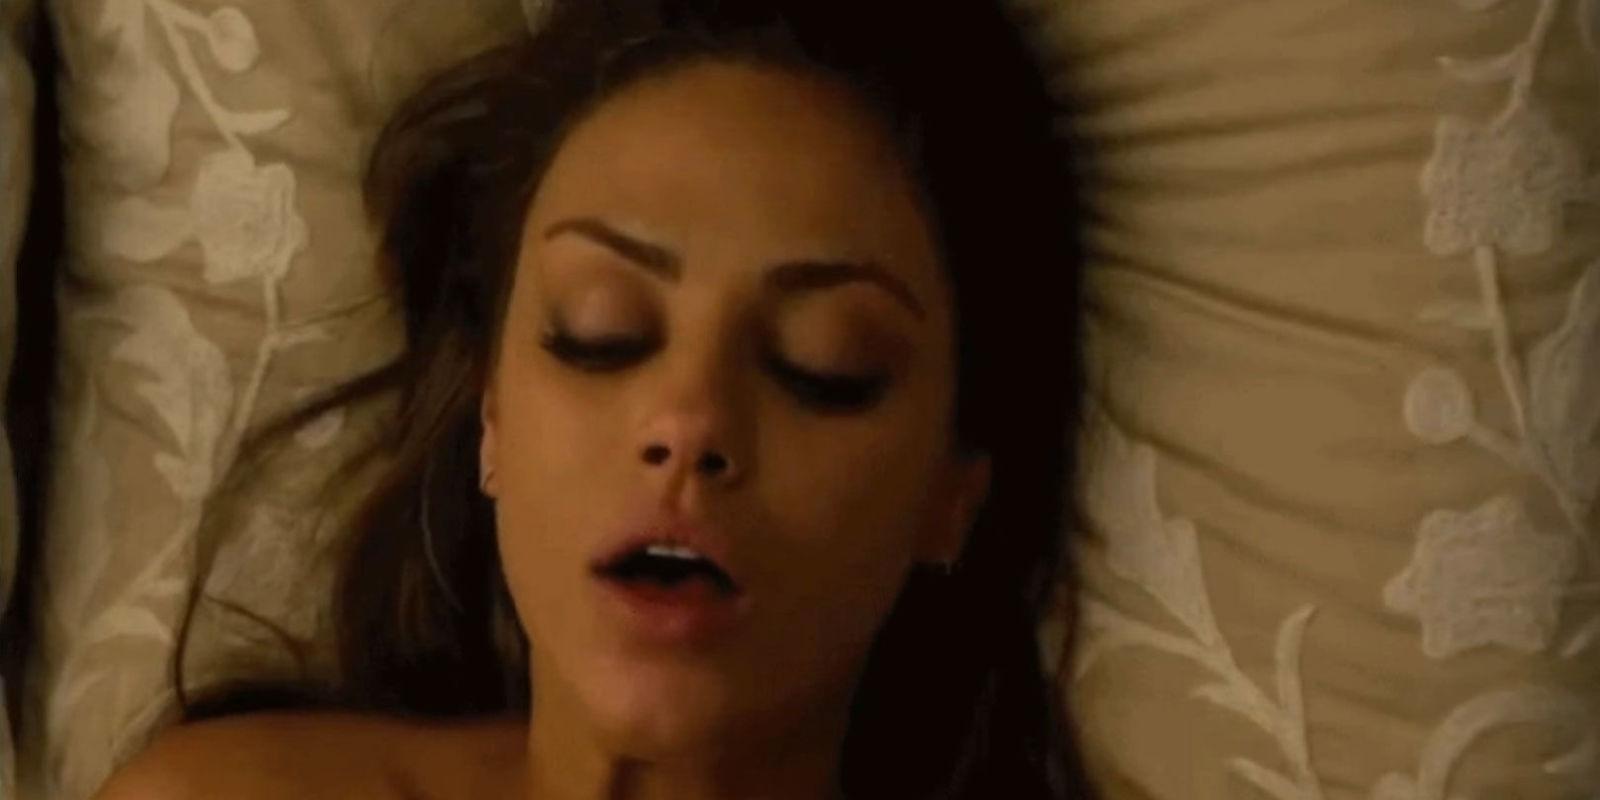 Aficionadas Mature Porno porn orgasmo - orgasm vids